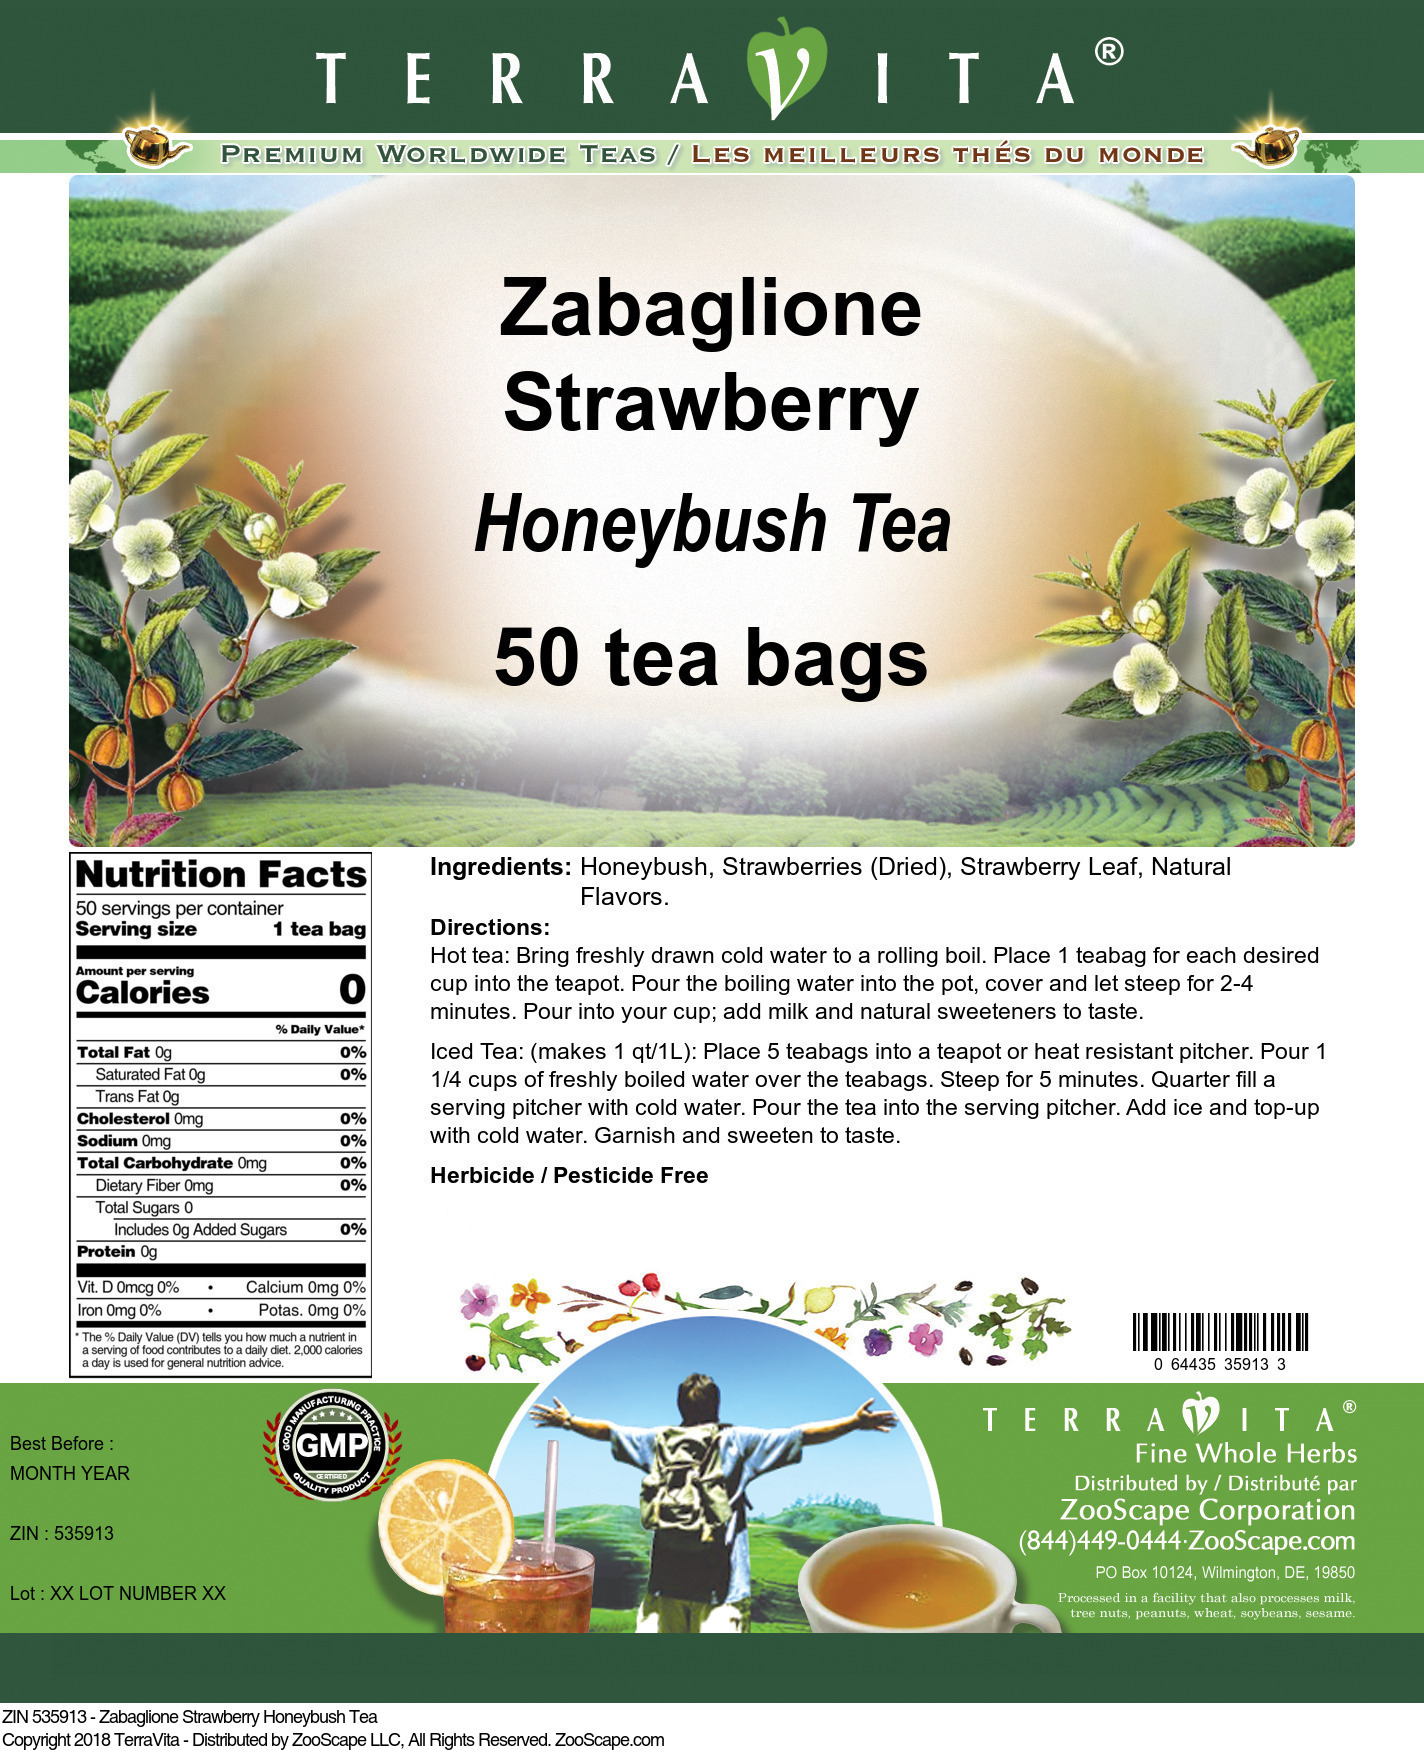 Zabaglione Strawberry Honeybush Tea